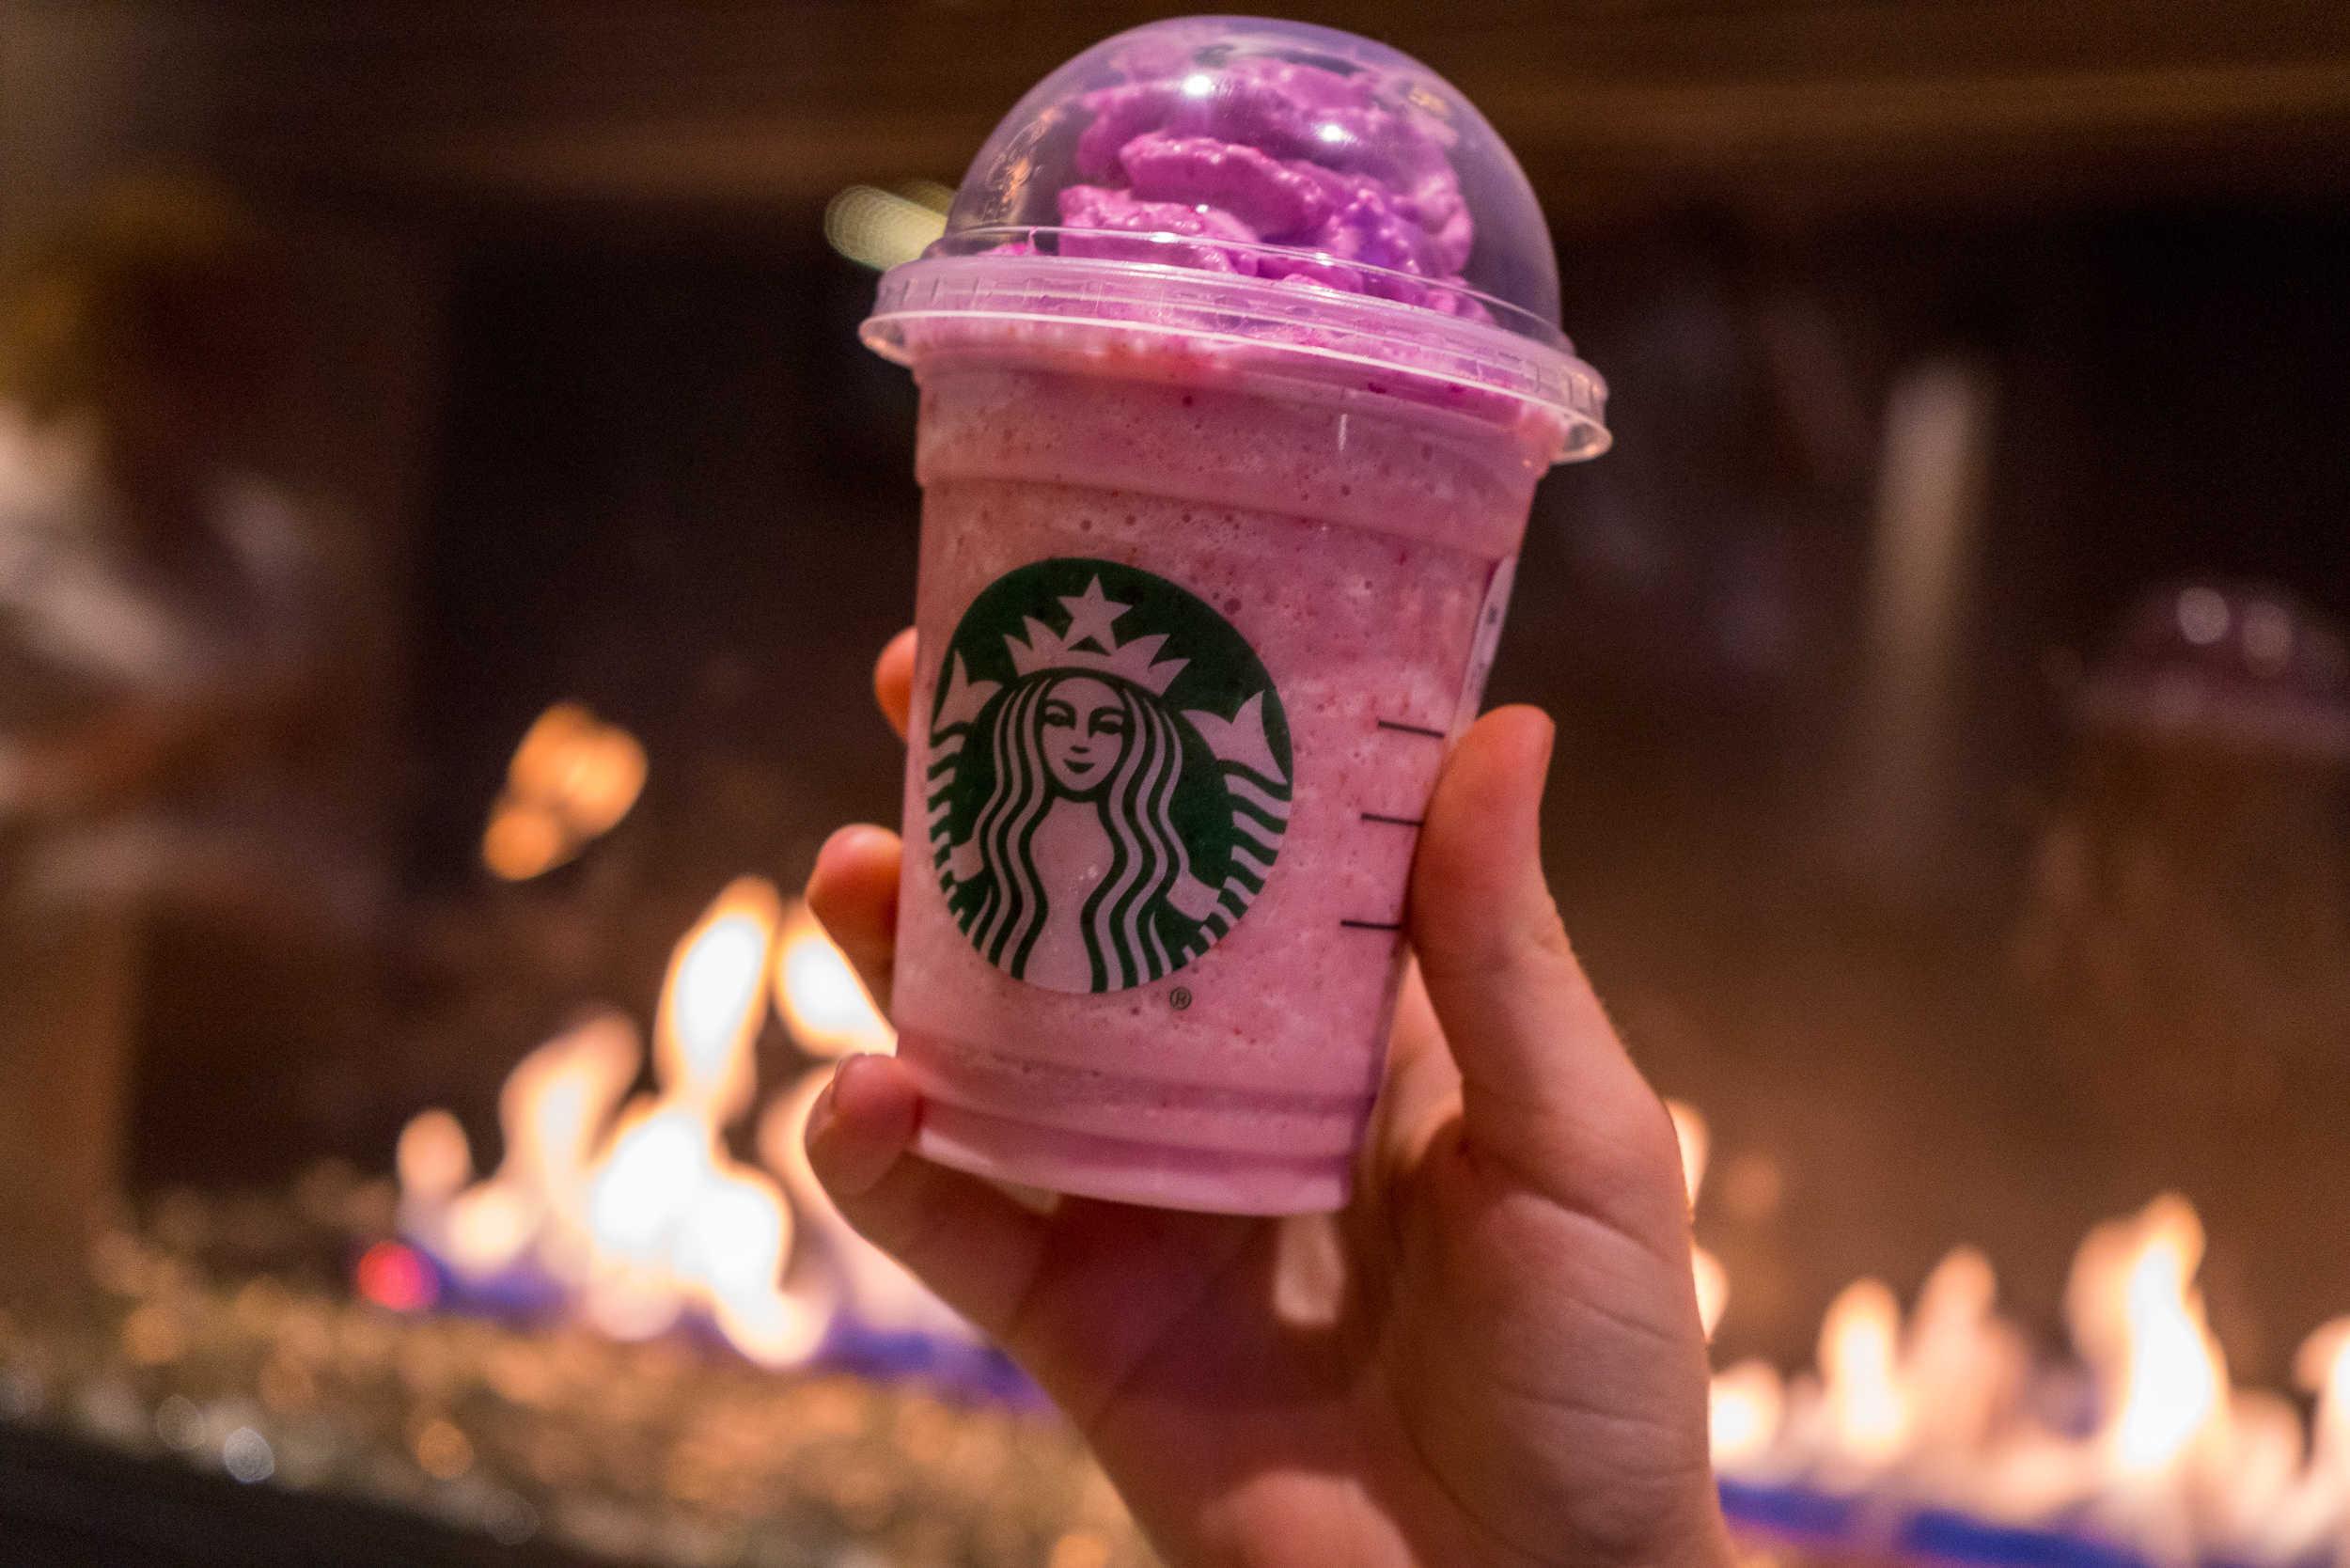 Starbucks offers Disney Springs-exclusive drink